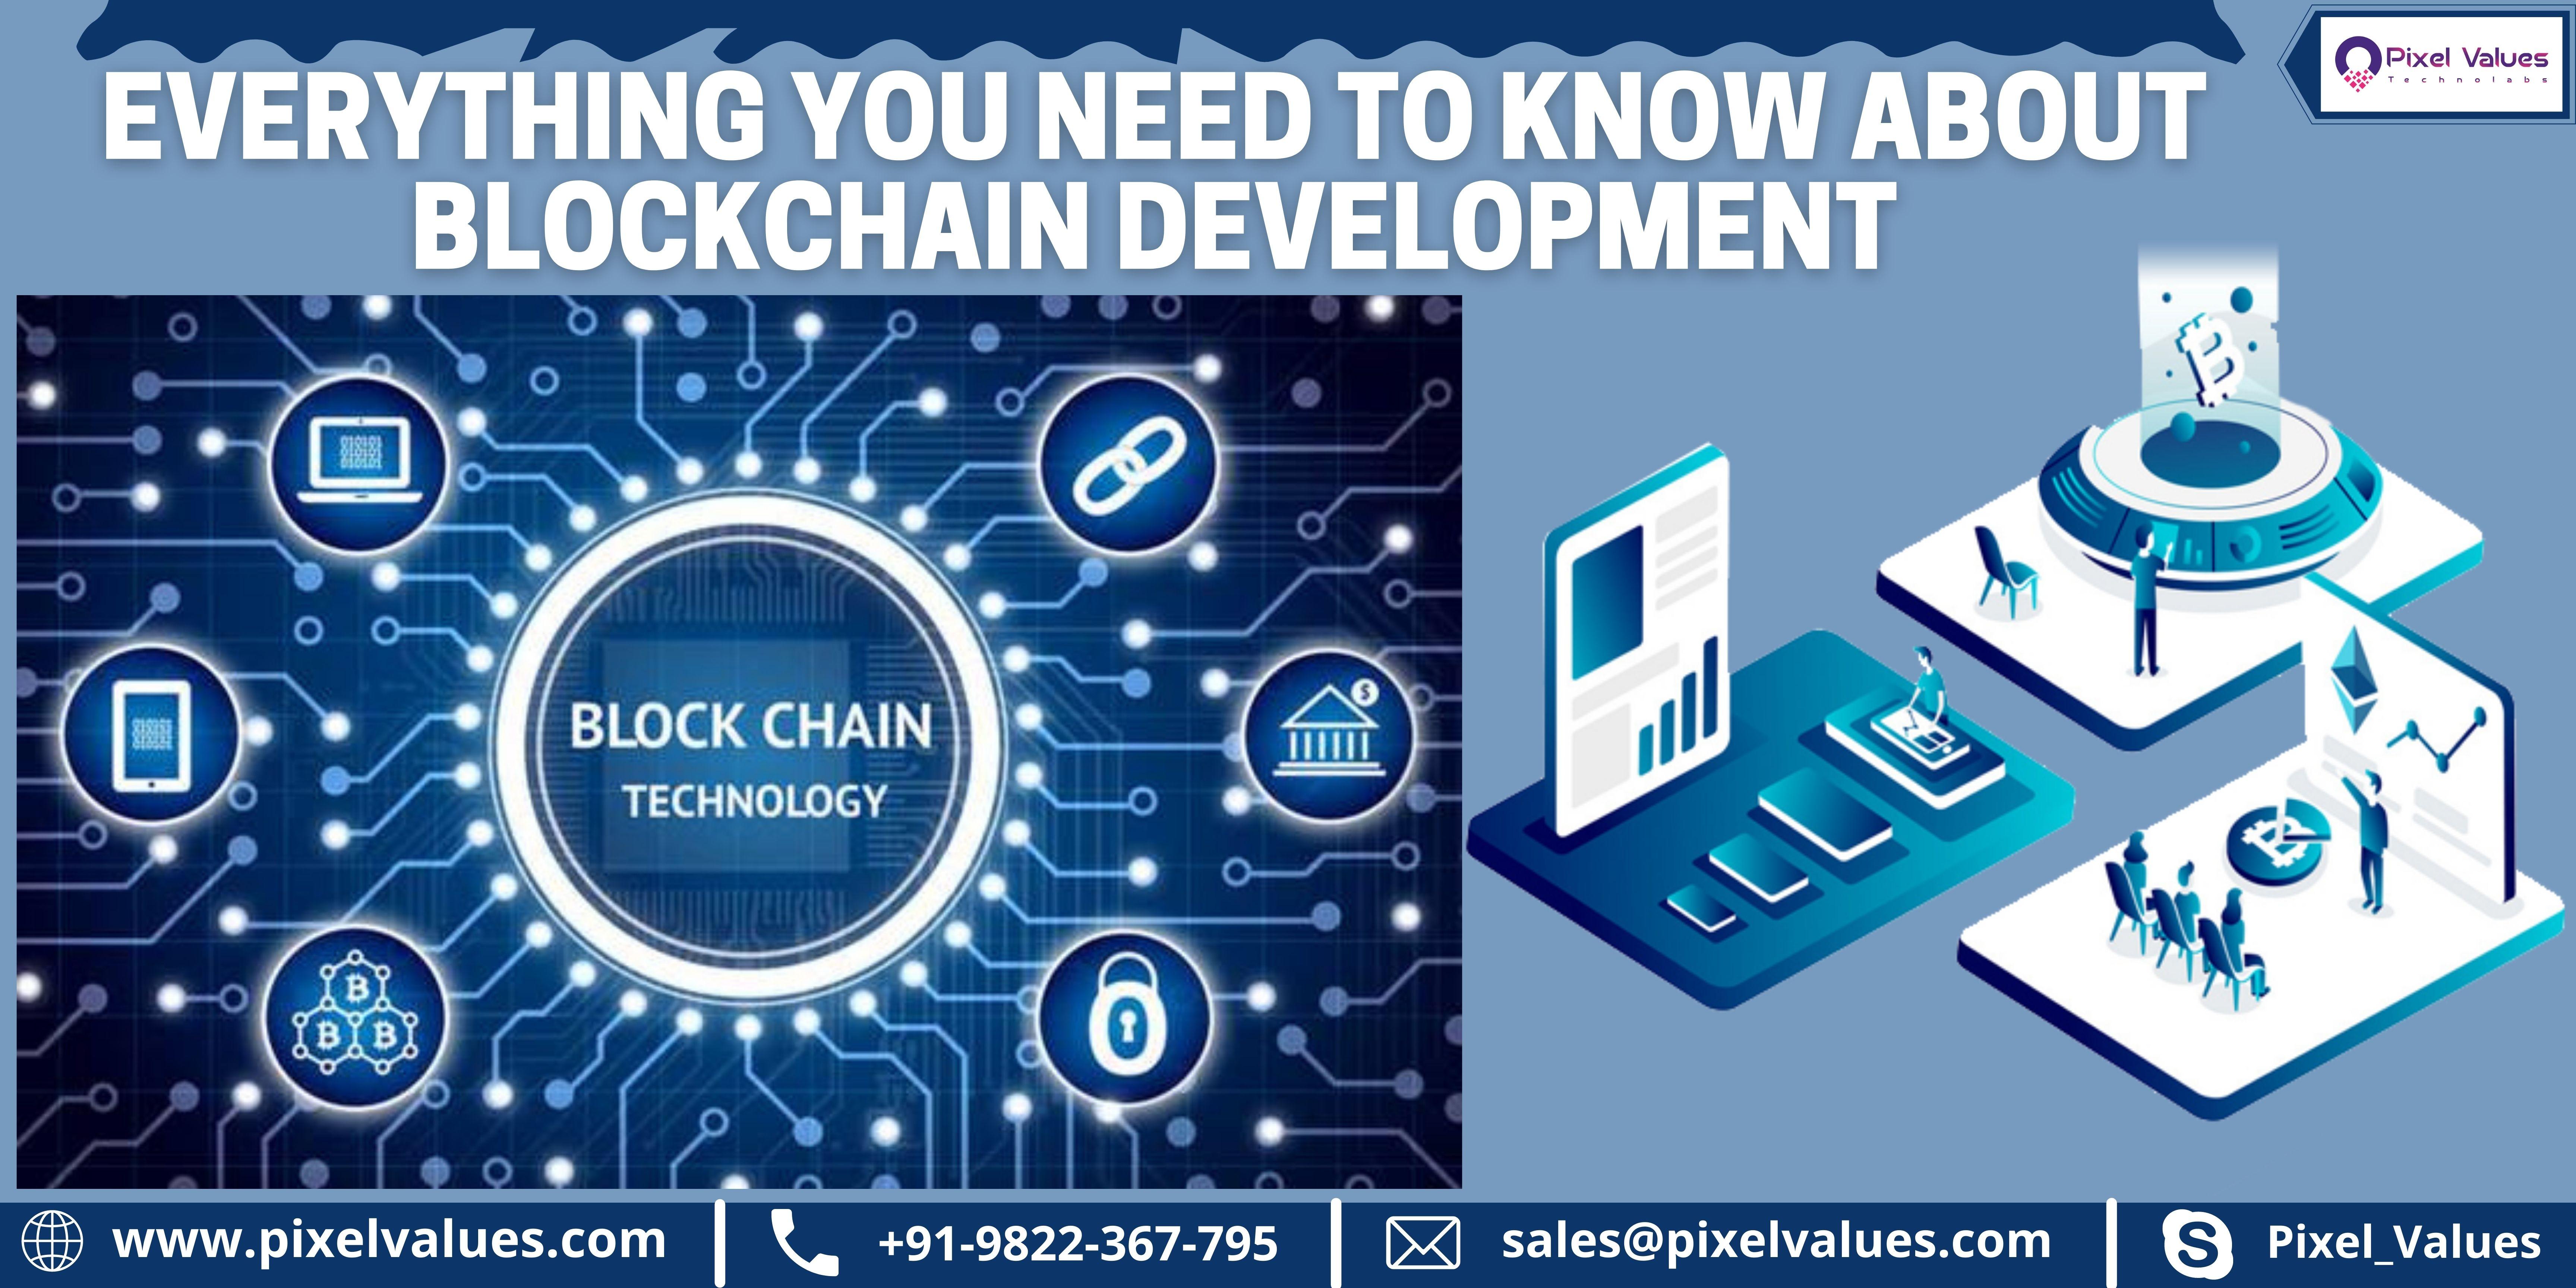 BLOCK CHAIN |} TECHNOLOGY /     &) www.pixelvalues.com | +91-9822-367-795 DK] sales@pixelvalues.com